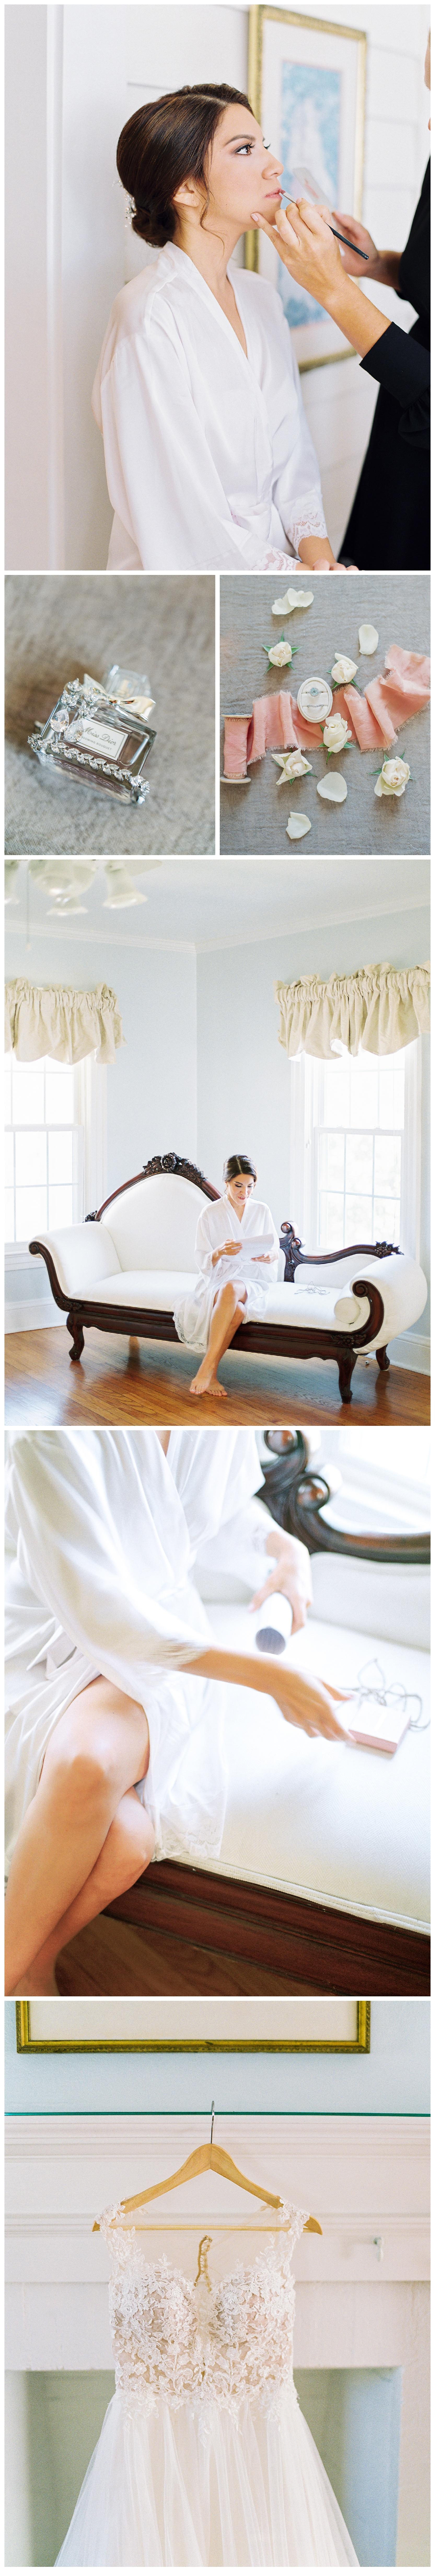 Cypress-Grove-Estate-House-Orlando-FL-Wedding-photos-getting-ready